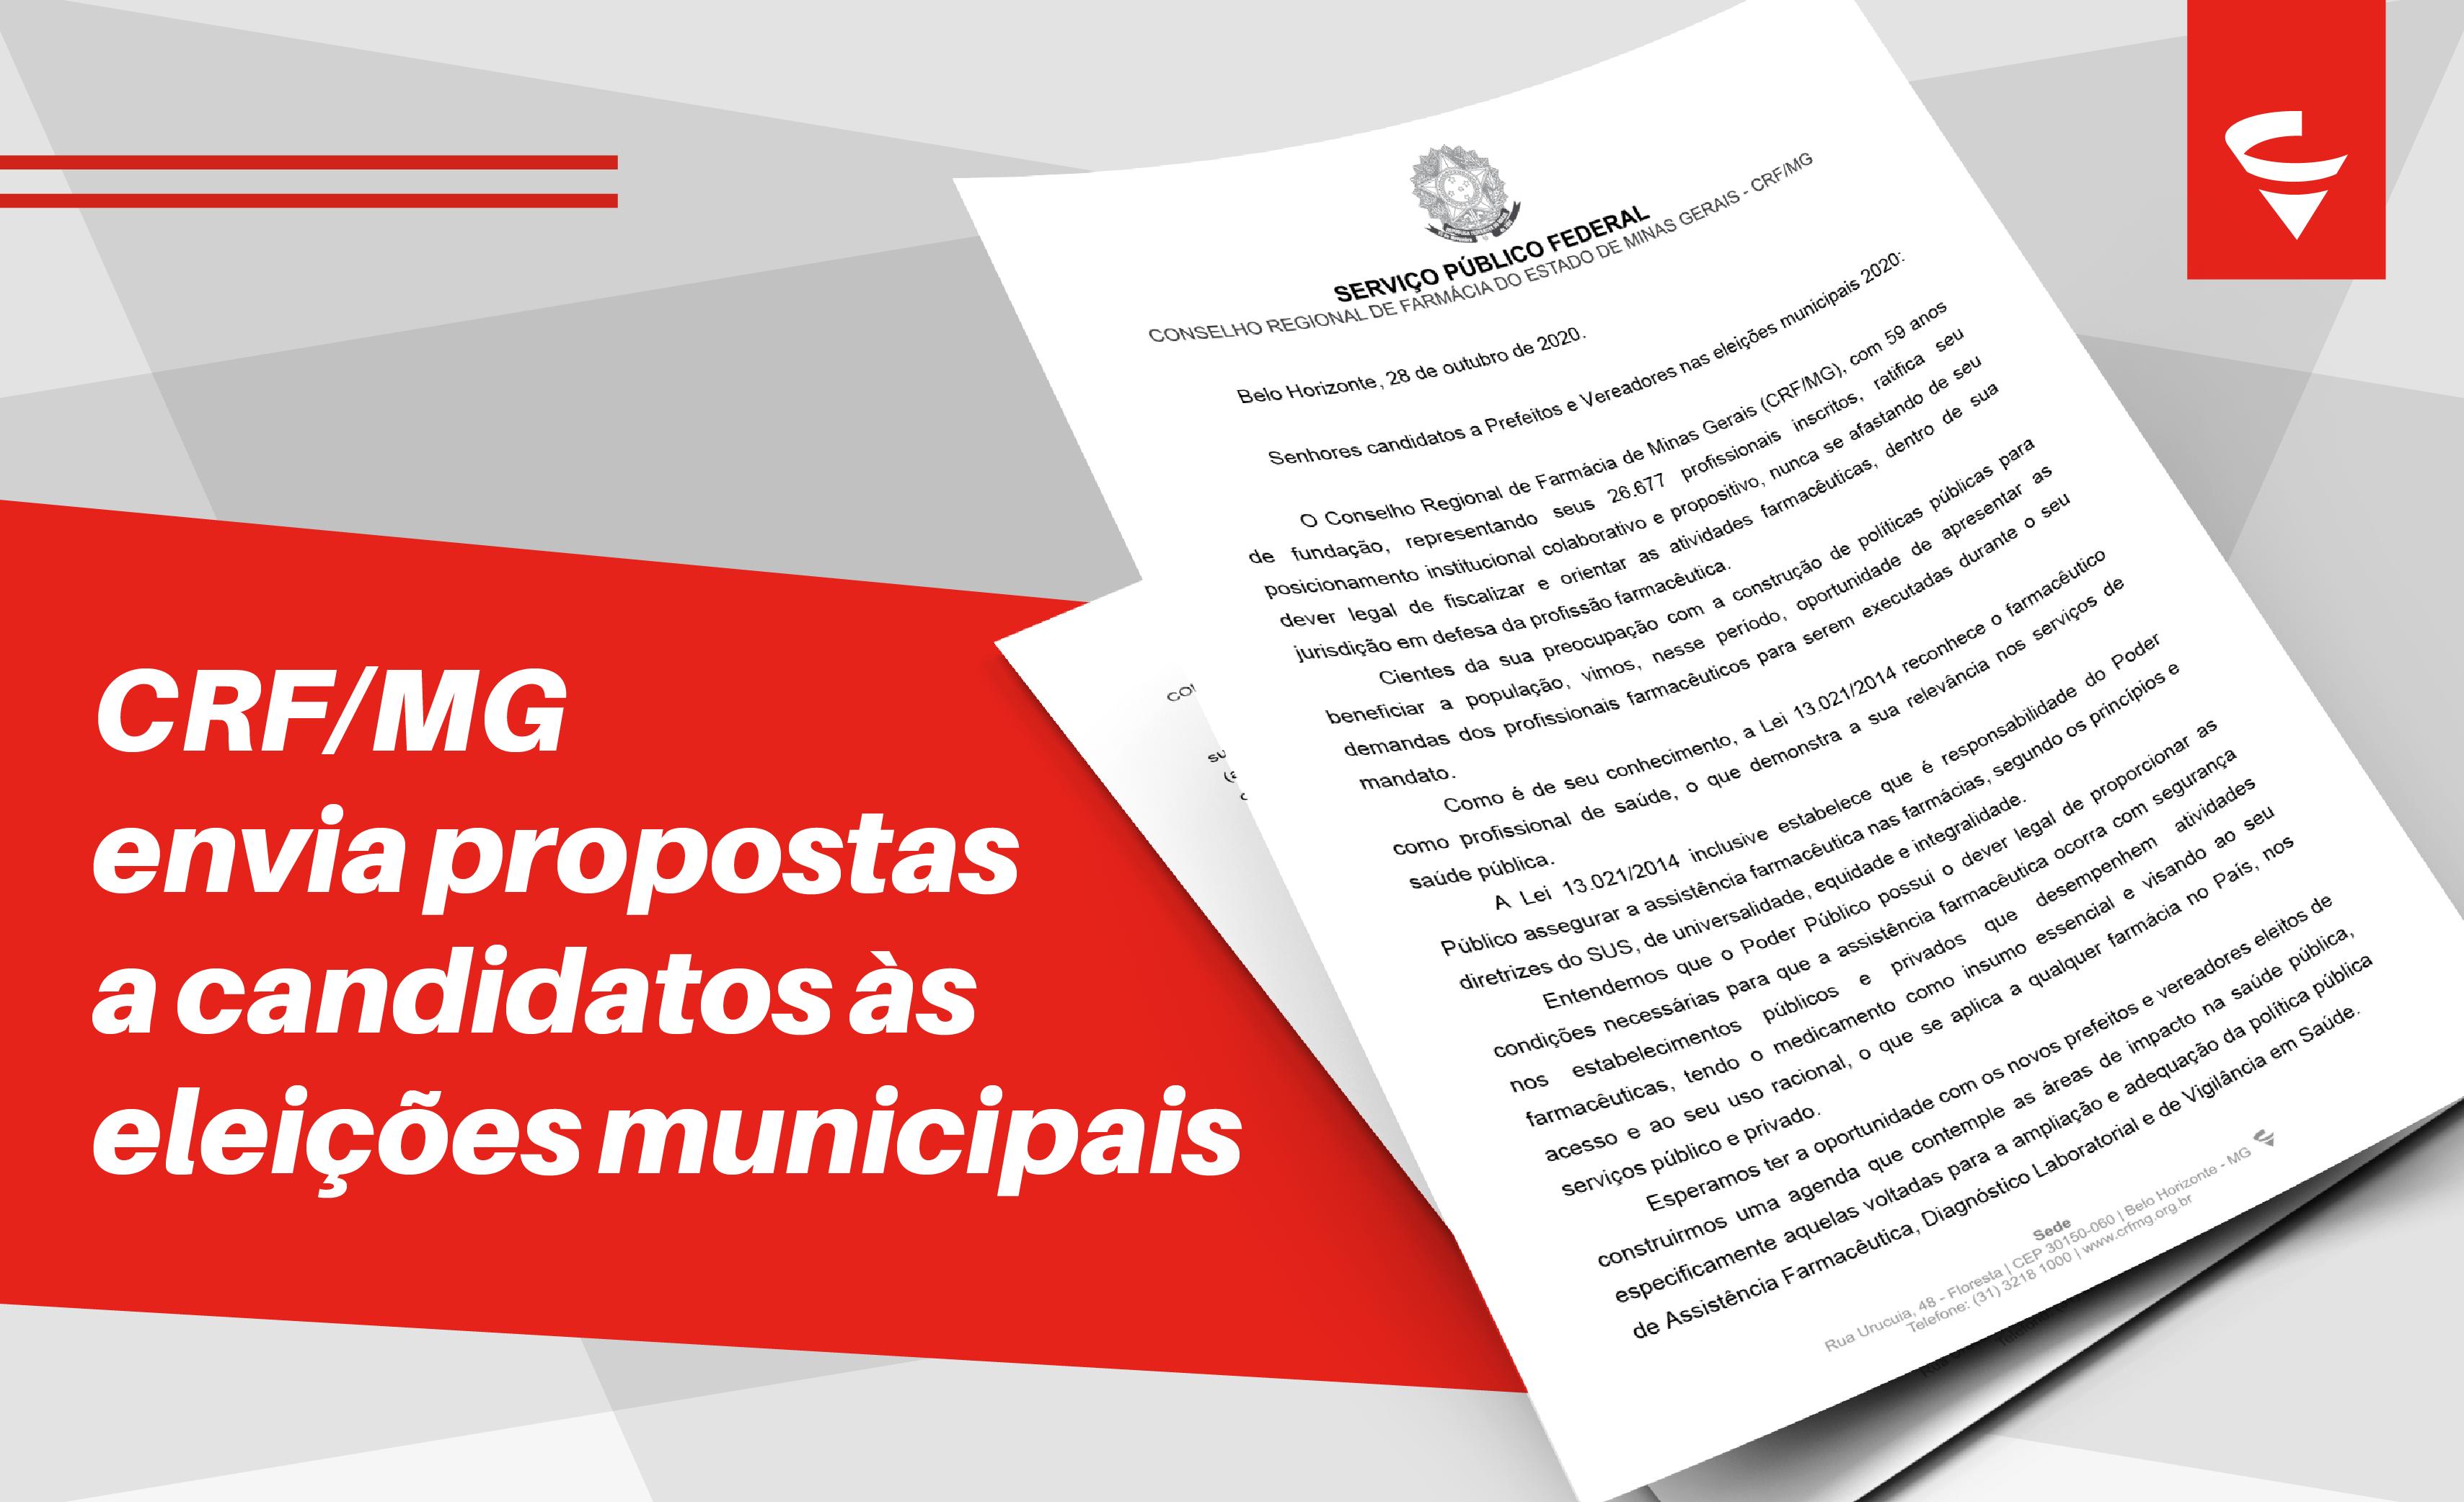 CRF/MG envia carta com propostas a candidatos às eleições municipais